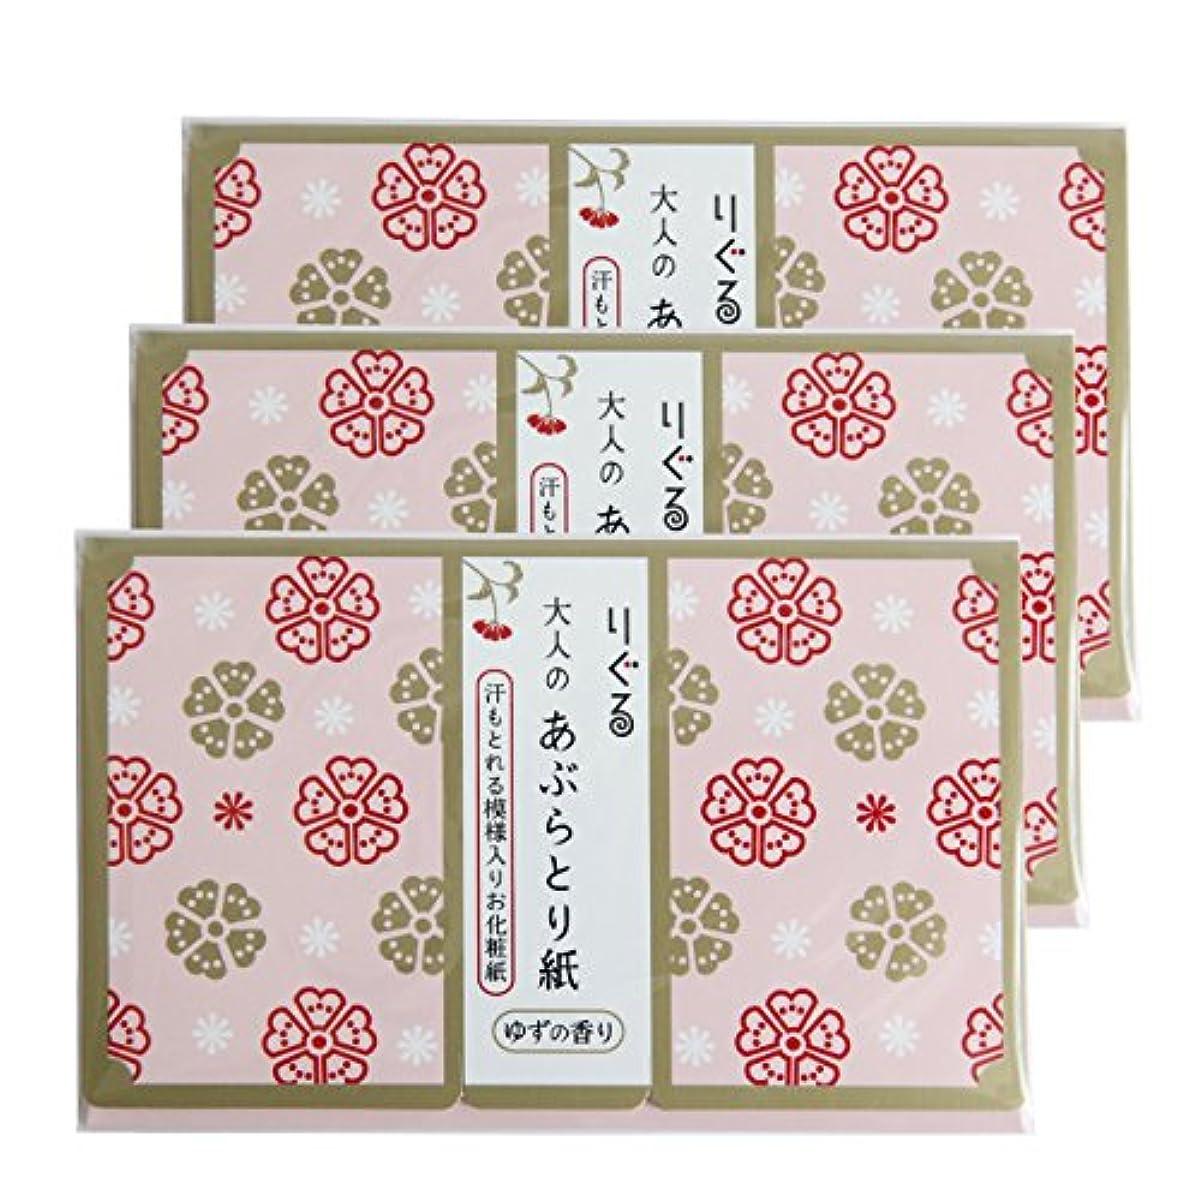 不適切なコードレス水っぽいりぐる 大人のあぶらとり紙 使うたびにうれしくなる ちょっと贅沢な高知県産ゆずの香りのあぶらとり紙 (30枚入り)(3p)